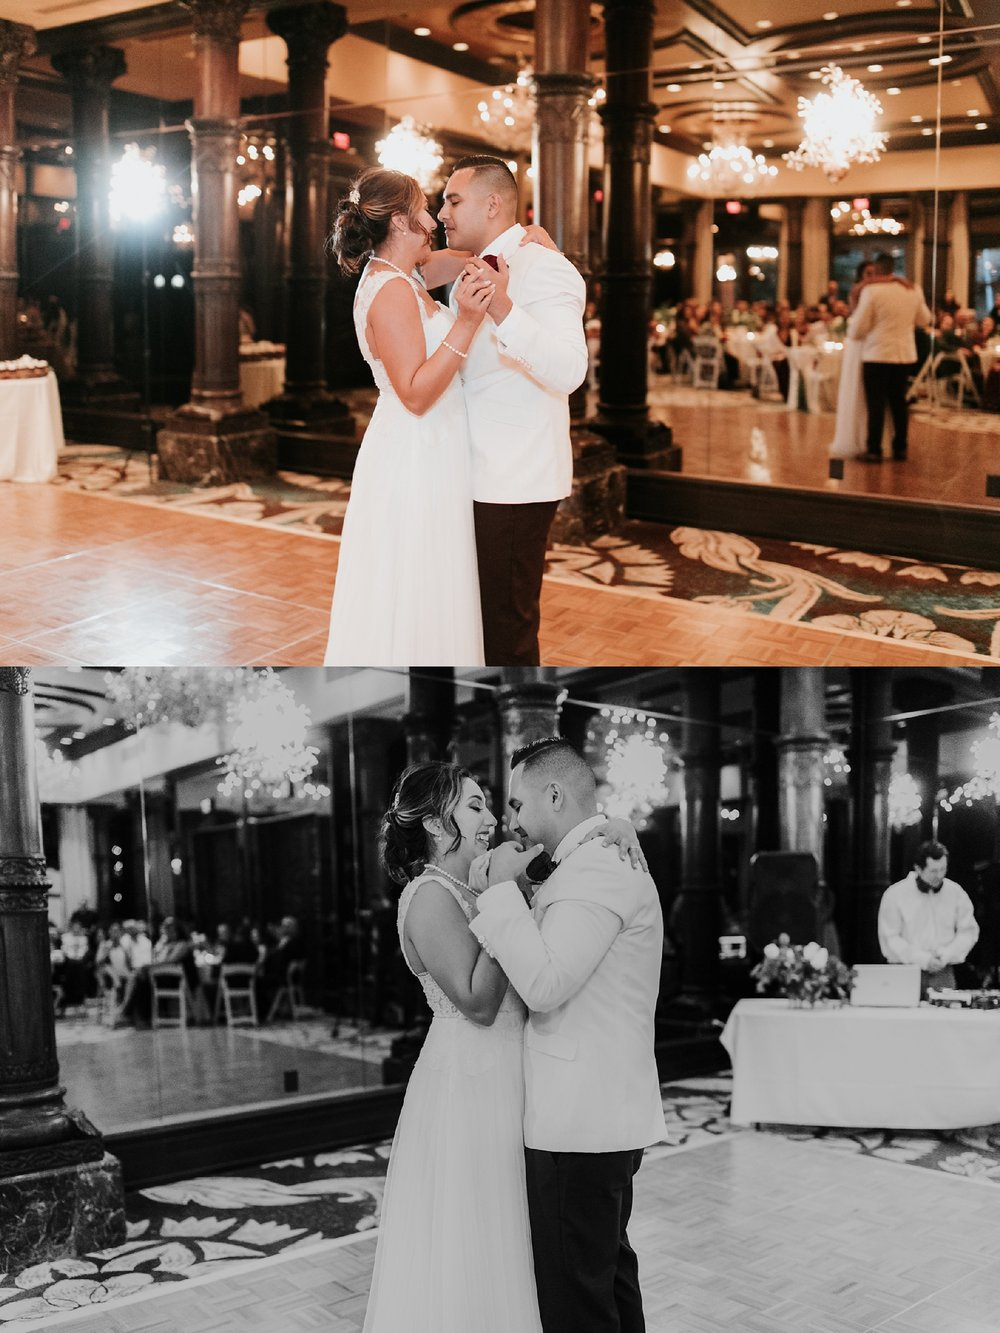 Alicia+lucia+photography+-+albuquerque+wedding+photographer+-+santa+fe+wedding+photography+-+new+mexico+wedding+photographer+-+new+mexico+wedding+-+albuquerque+wedding+-+santa+fe+wedding+-+wedding+first+dance+-+first+dance+songs_0006.jpg